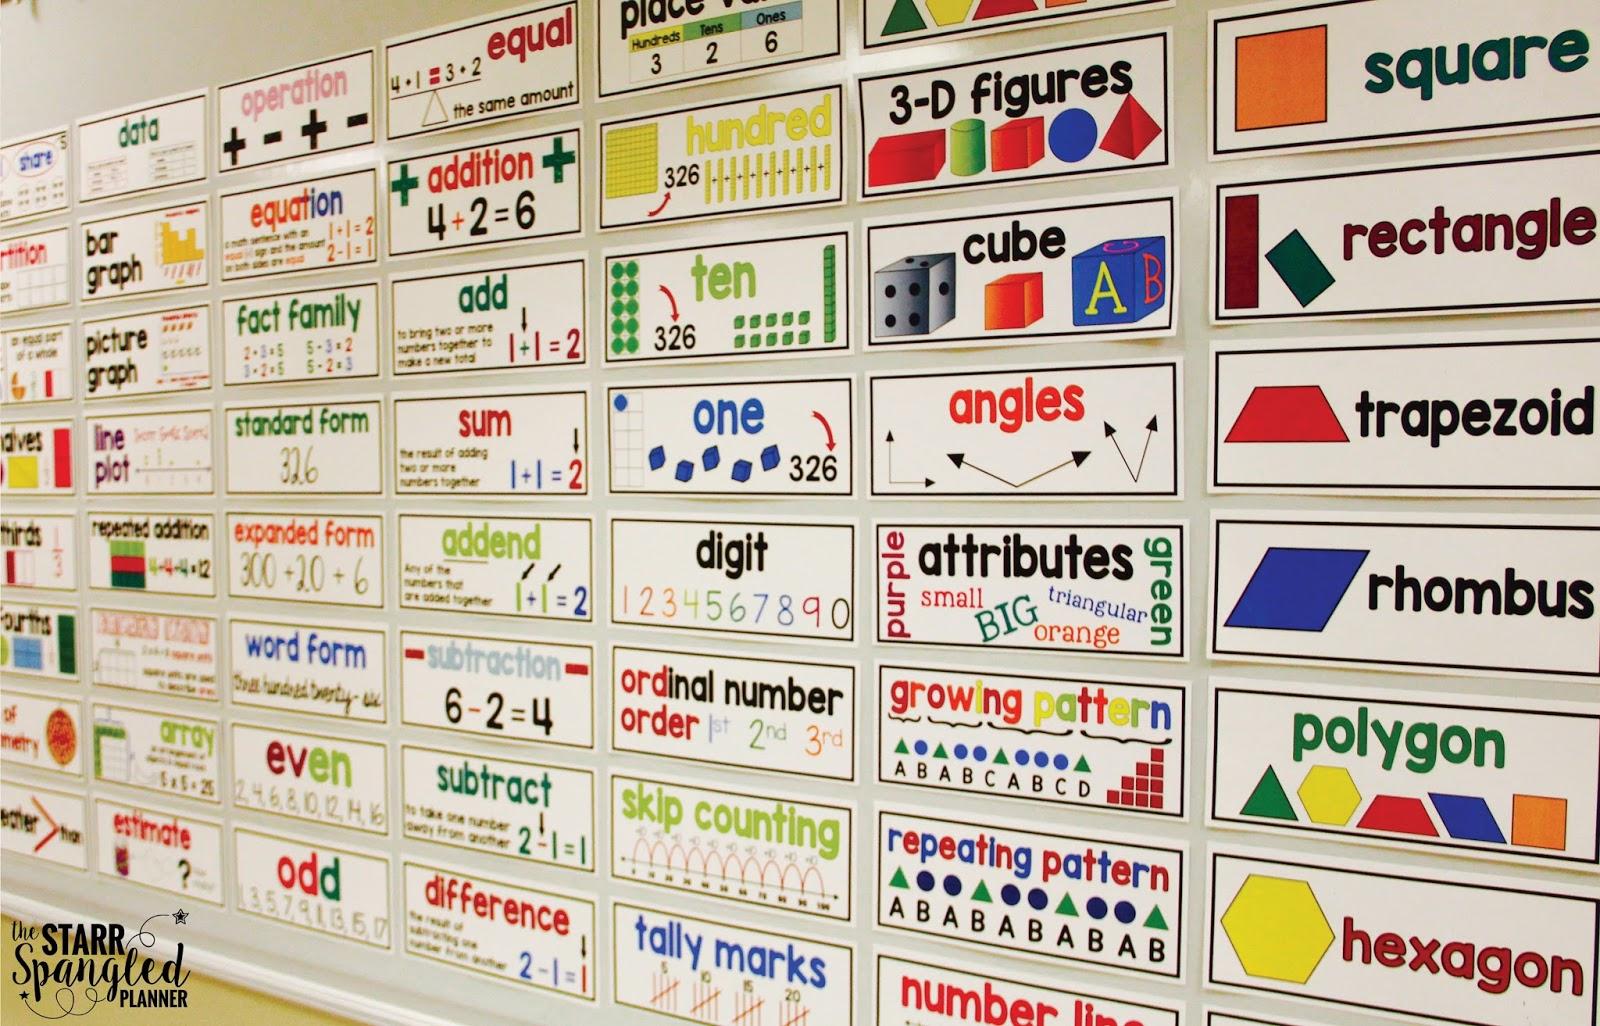 GV Mỹ chia sẻ cách dạy từ thông dụng bằng Word Wall (Ảnh: The Starr Spangled Planner)